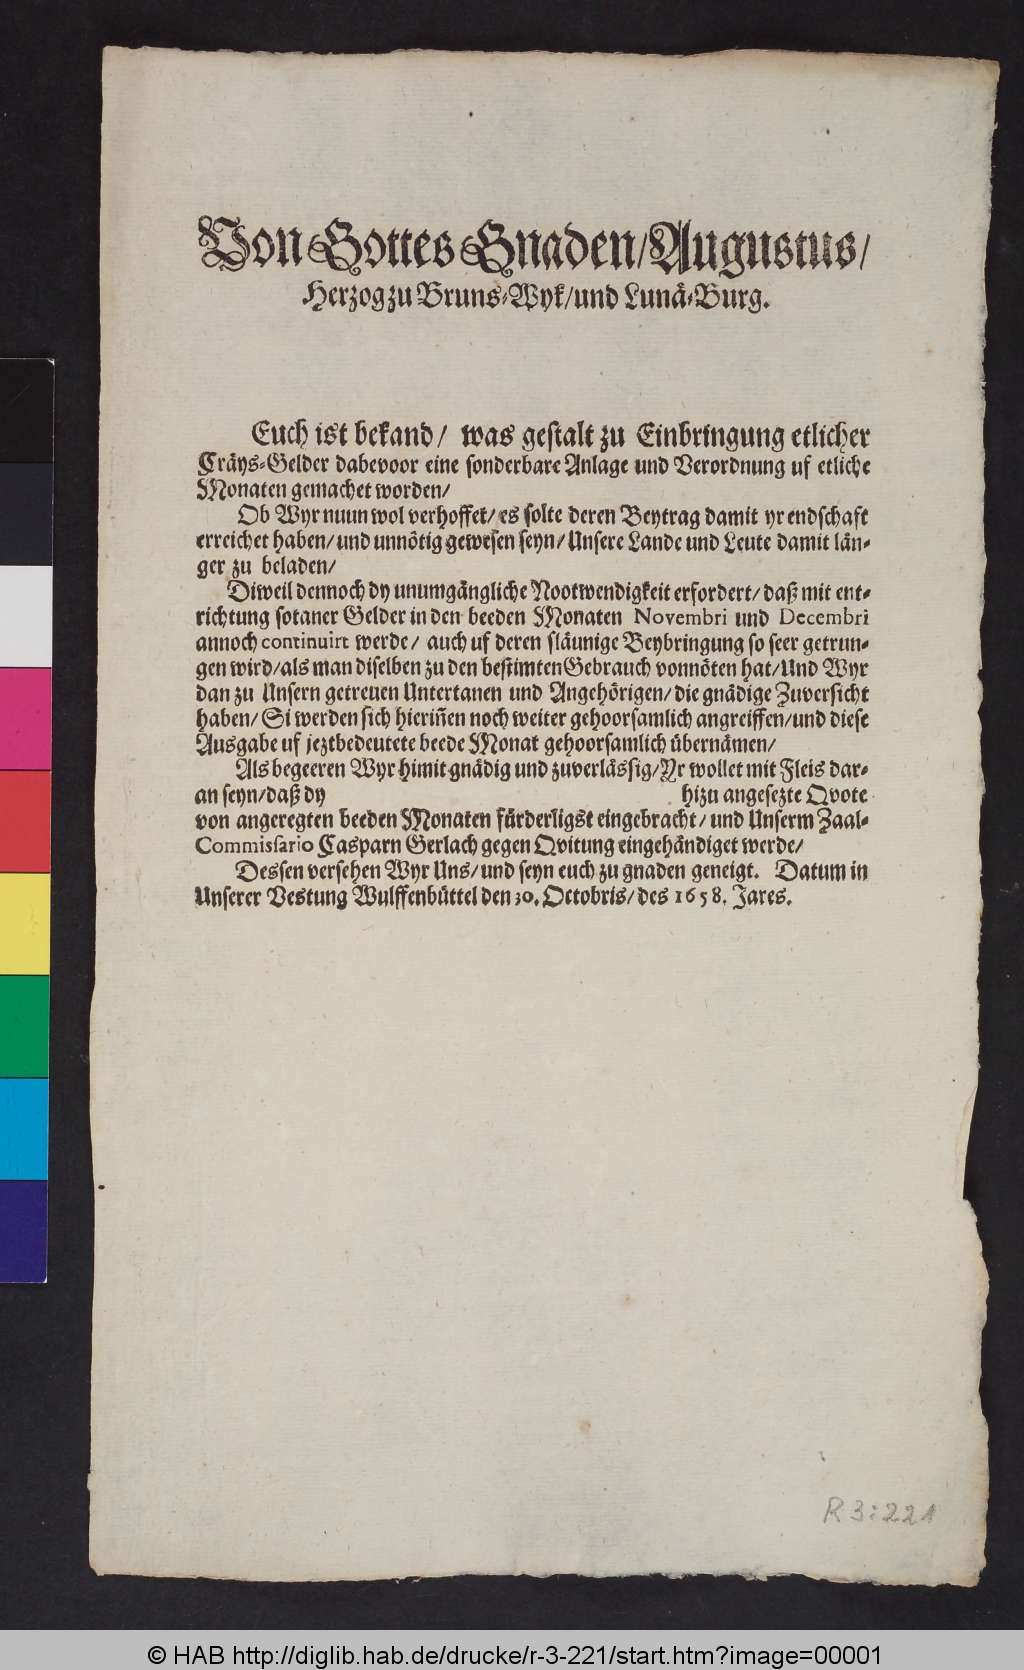 http://diglib.hab.de/drucke/r-3-221/00001.jpg